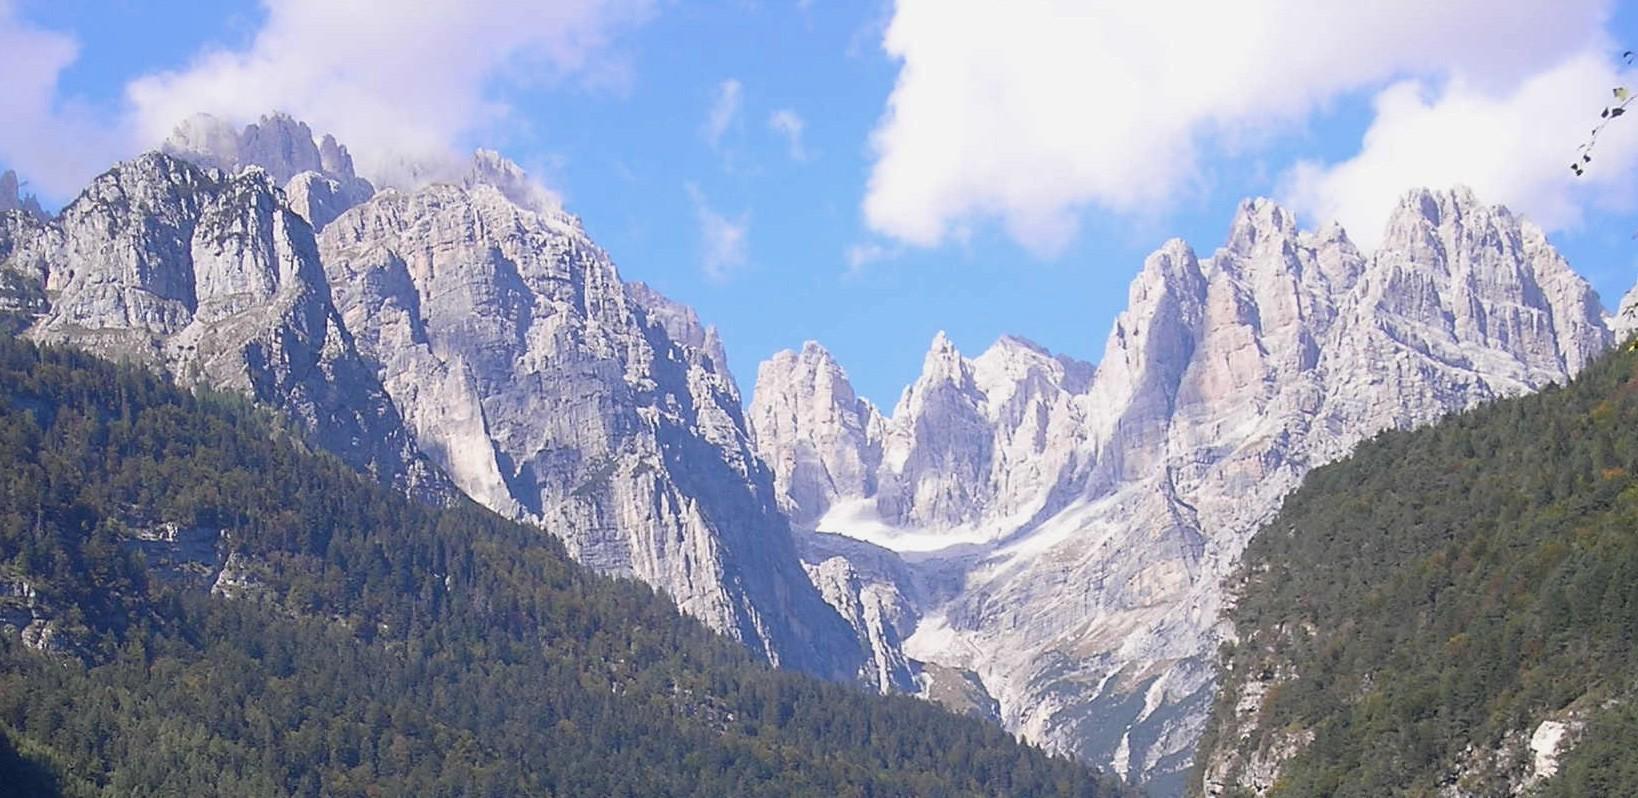 Trentino Alto Adige Artigianato arriva il sito del turismo culturale nell'artigianato